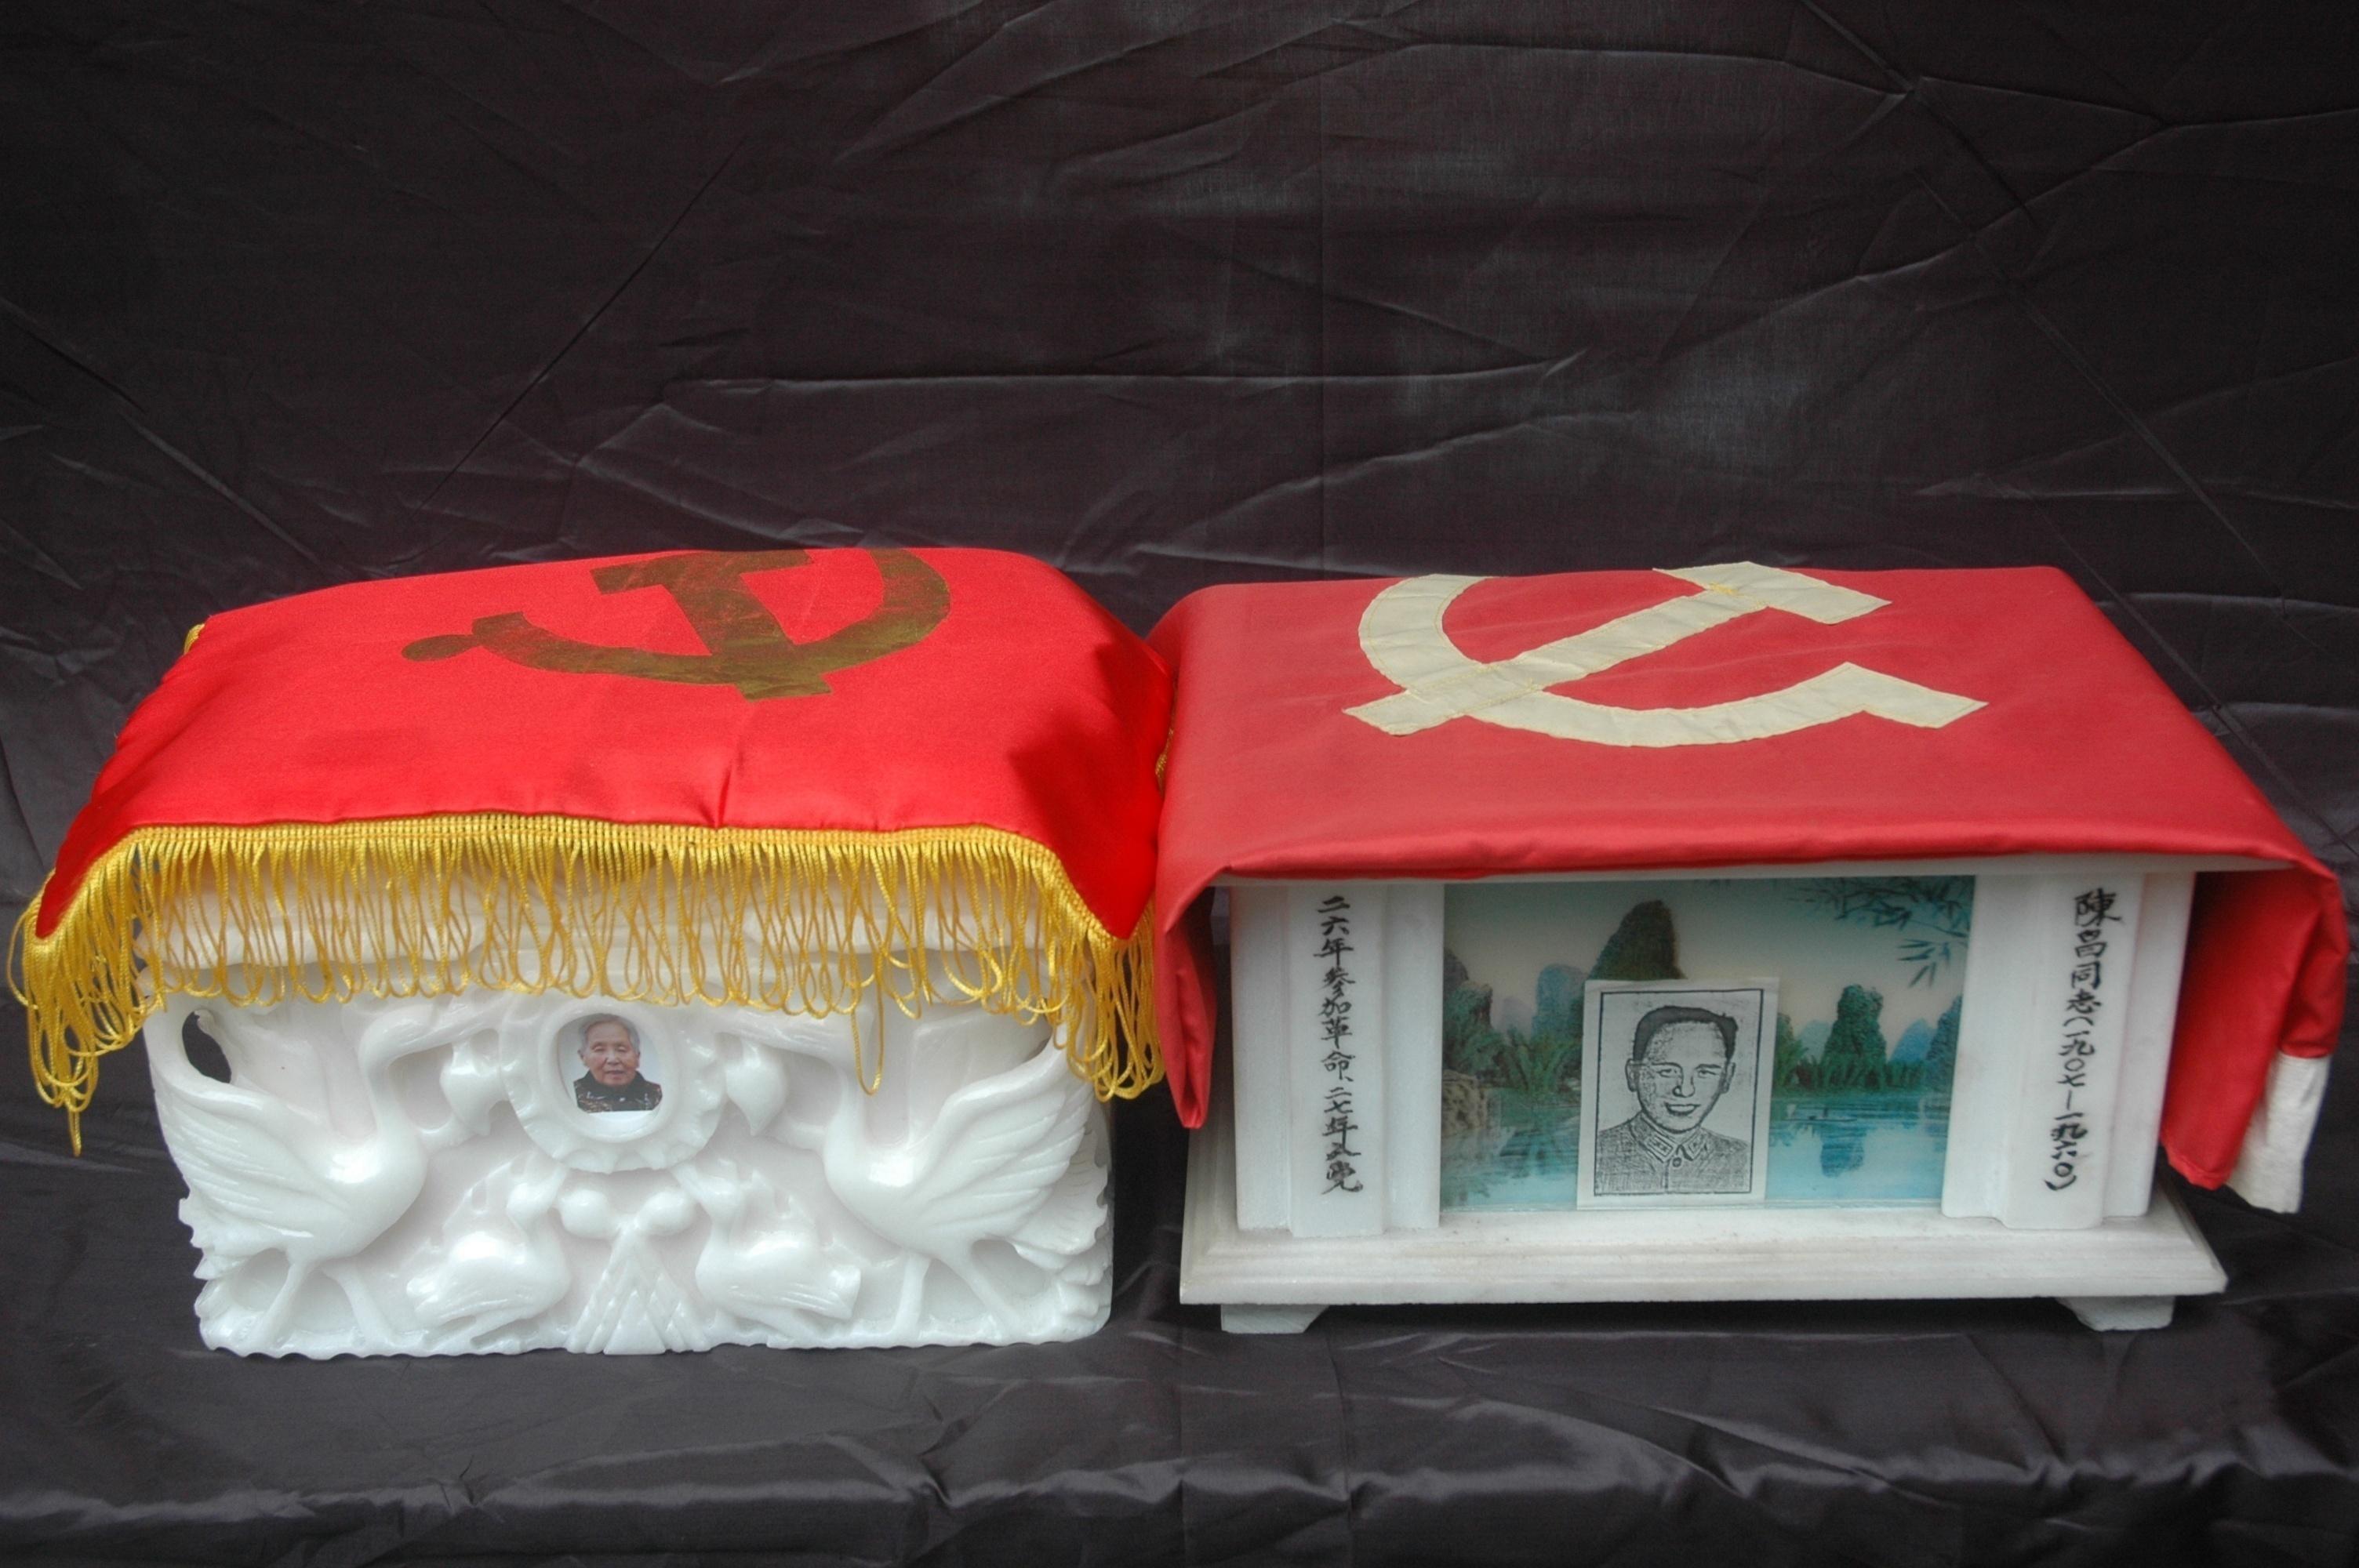 12、陈昌和何妨二位忠诚的老党员的骨灰盒上双双覆盖中国共产党党旗,二老长眠在党的怀抱里继续她俩革命爱.JPG